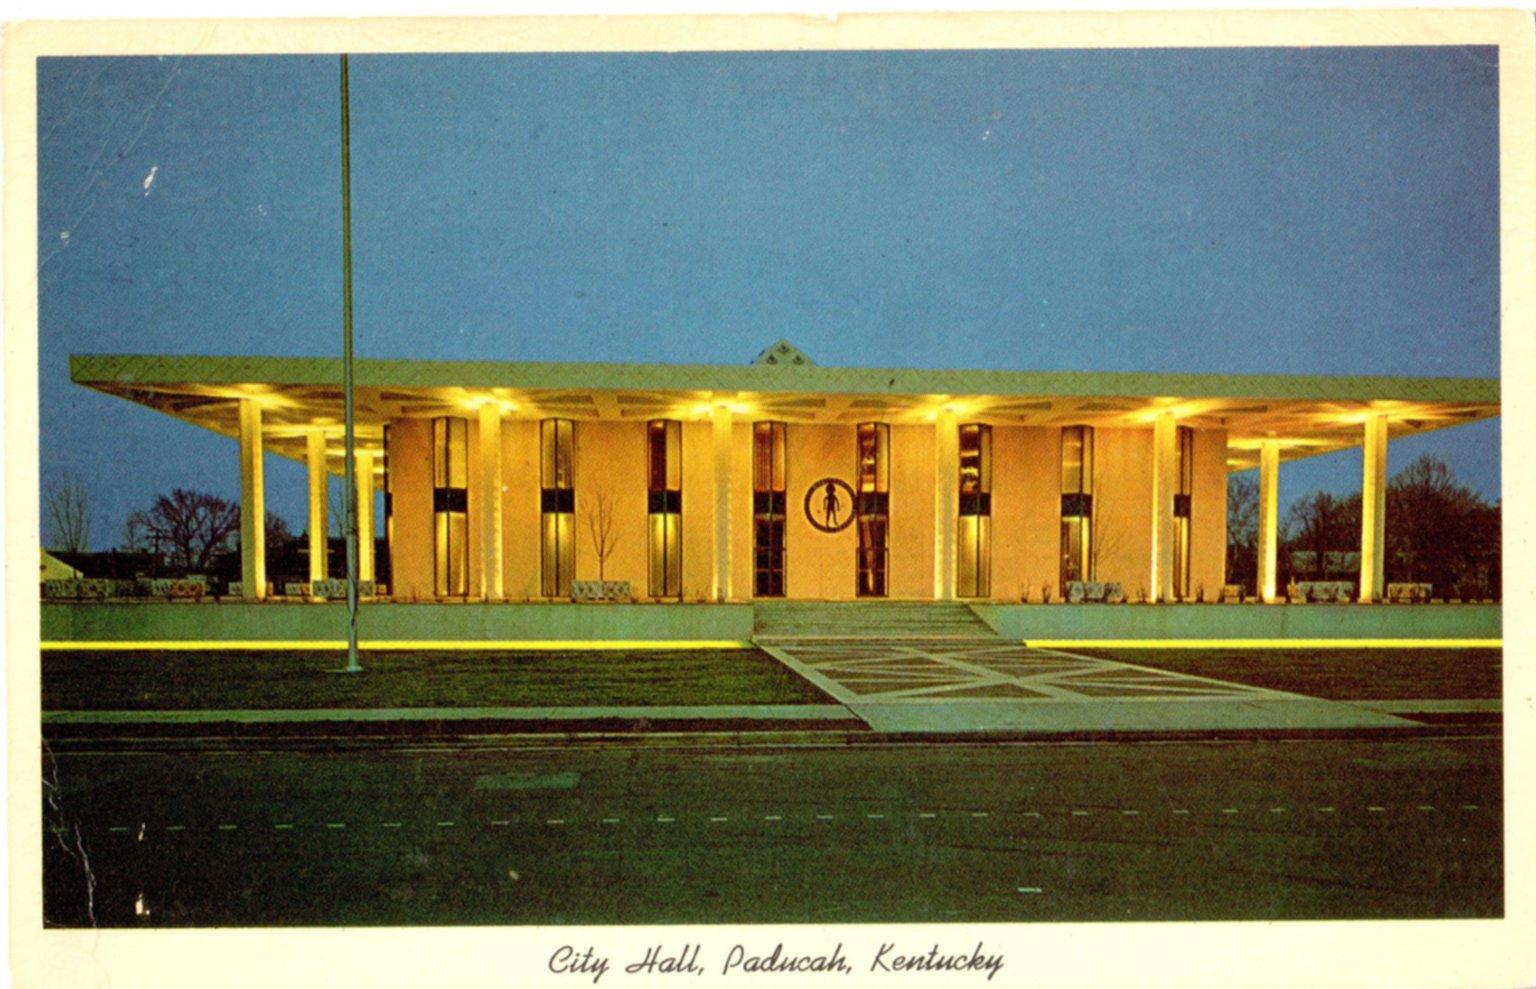 City Hall, Paducah, Kentucky